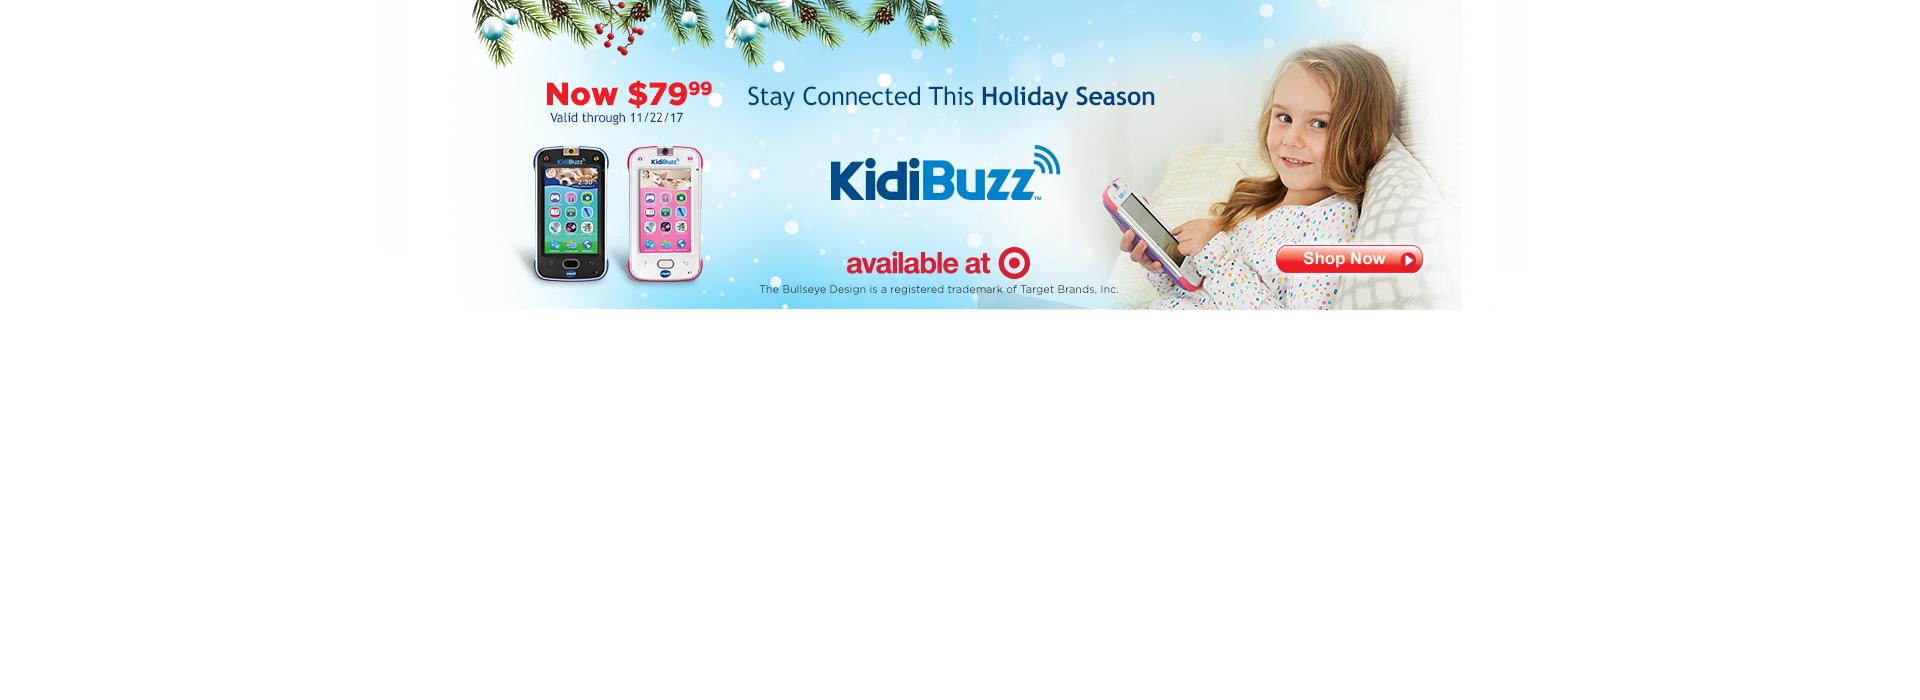 KidiBuzz  - Target 7999